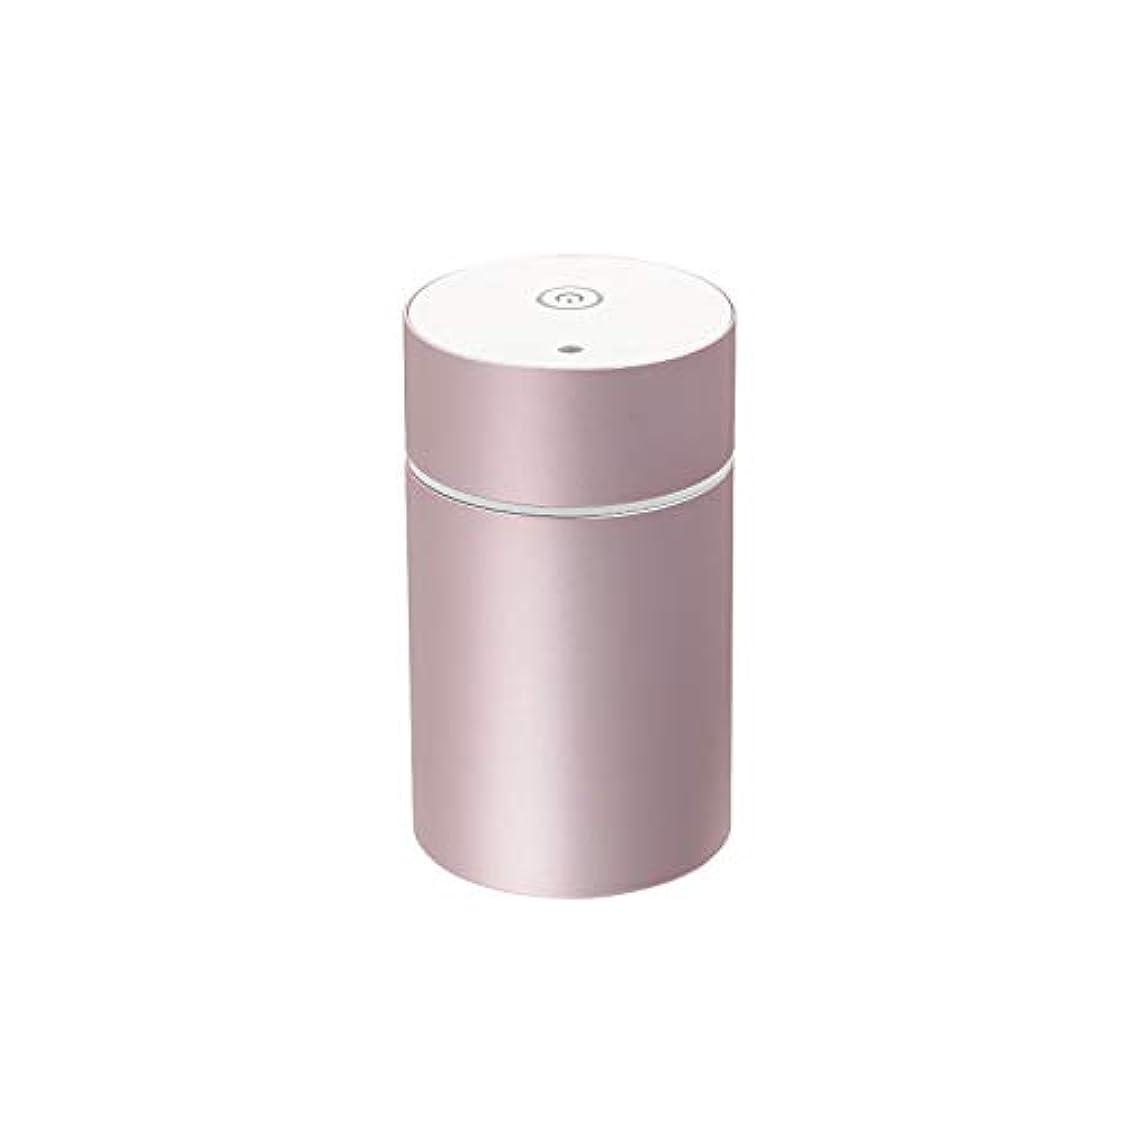 マラソンほのかランク生活の木 アロマディフューザー(ピンク)aromore mini(アロモアミニ) 08-801-7020